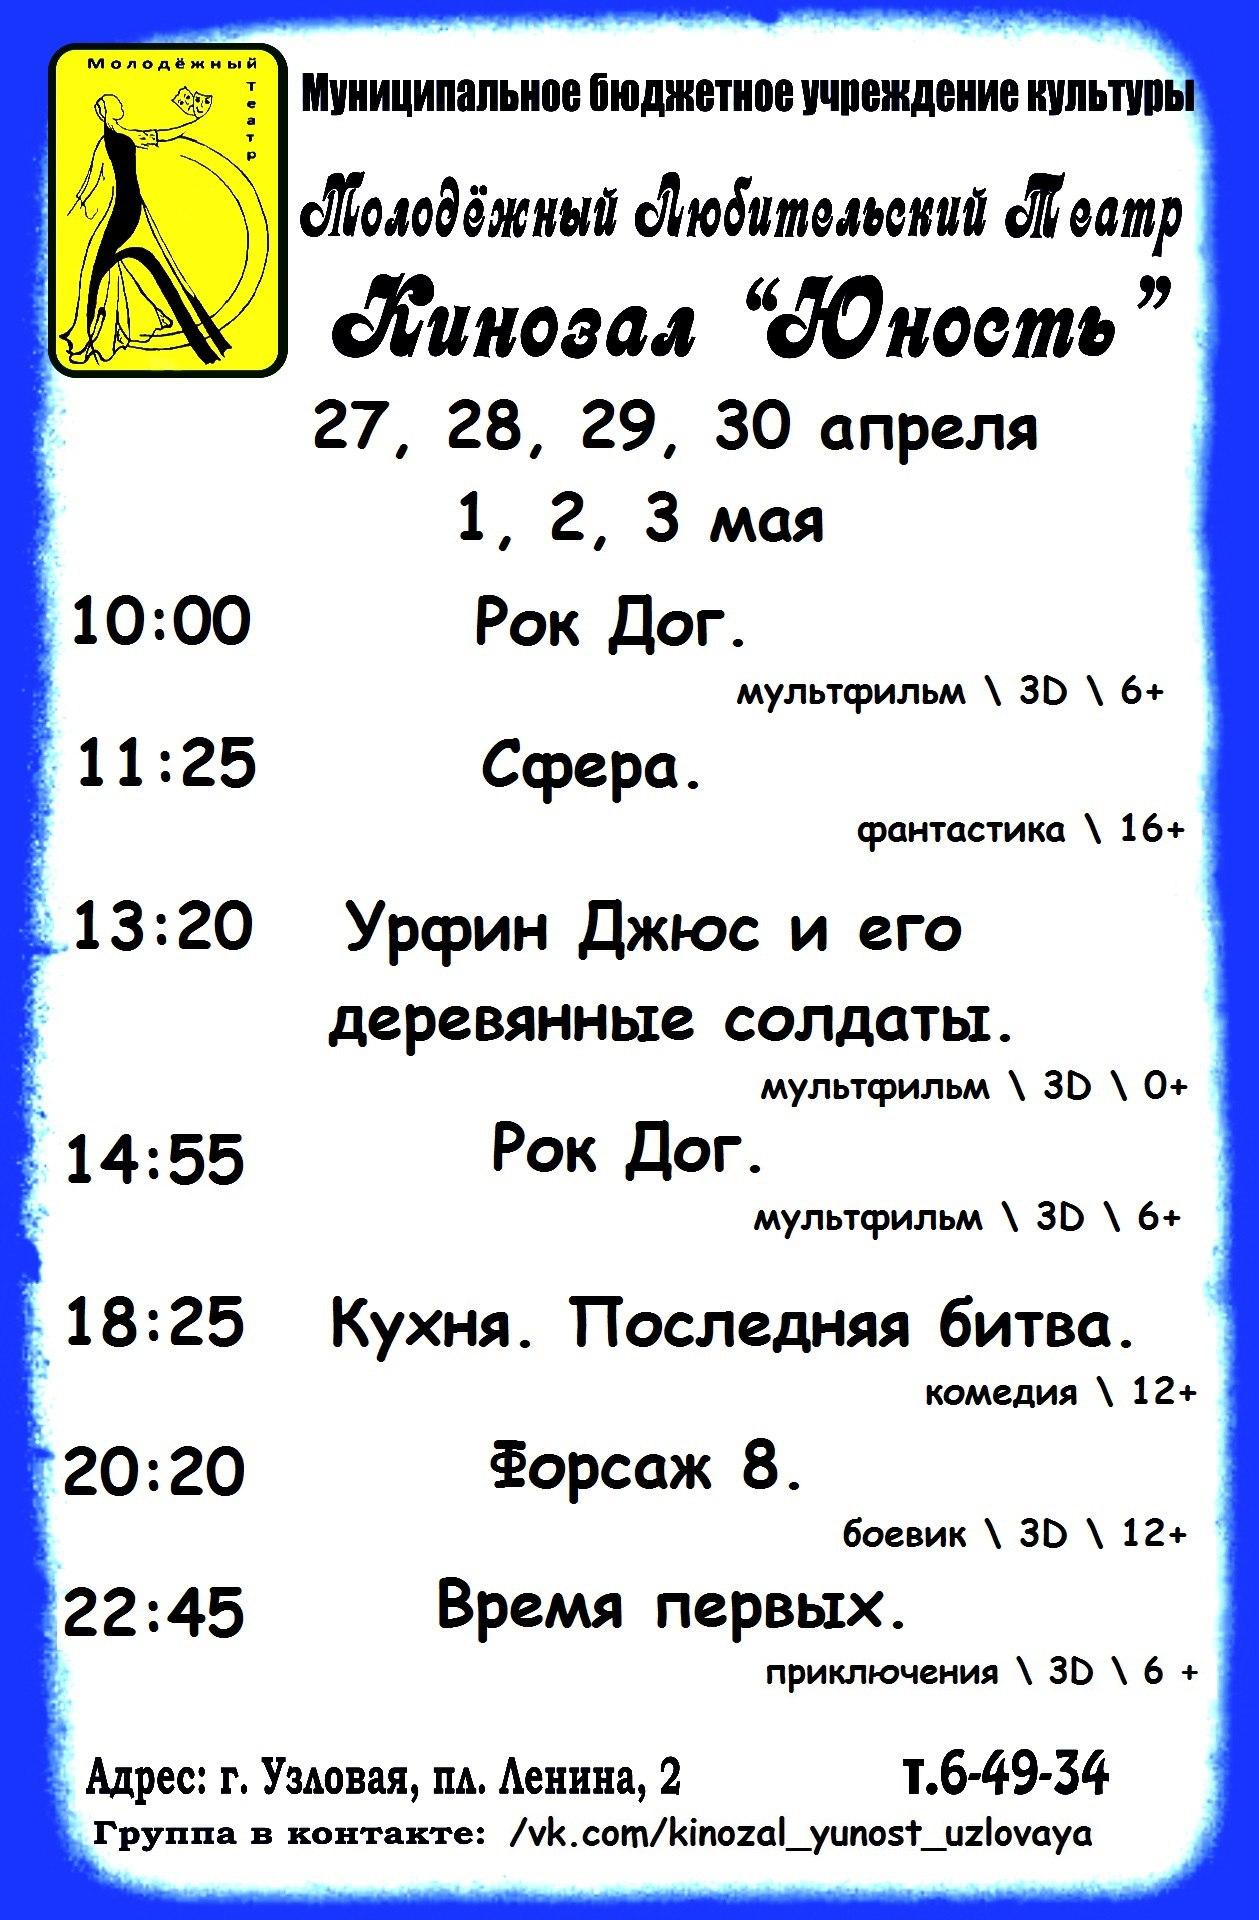 """Расписание кинозала """" Юность """" с 27 апреля по 3 мая"""